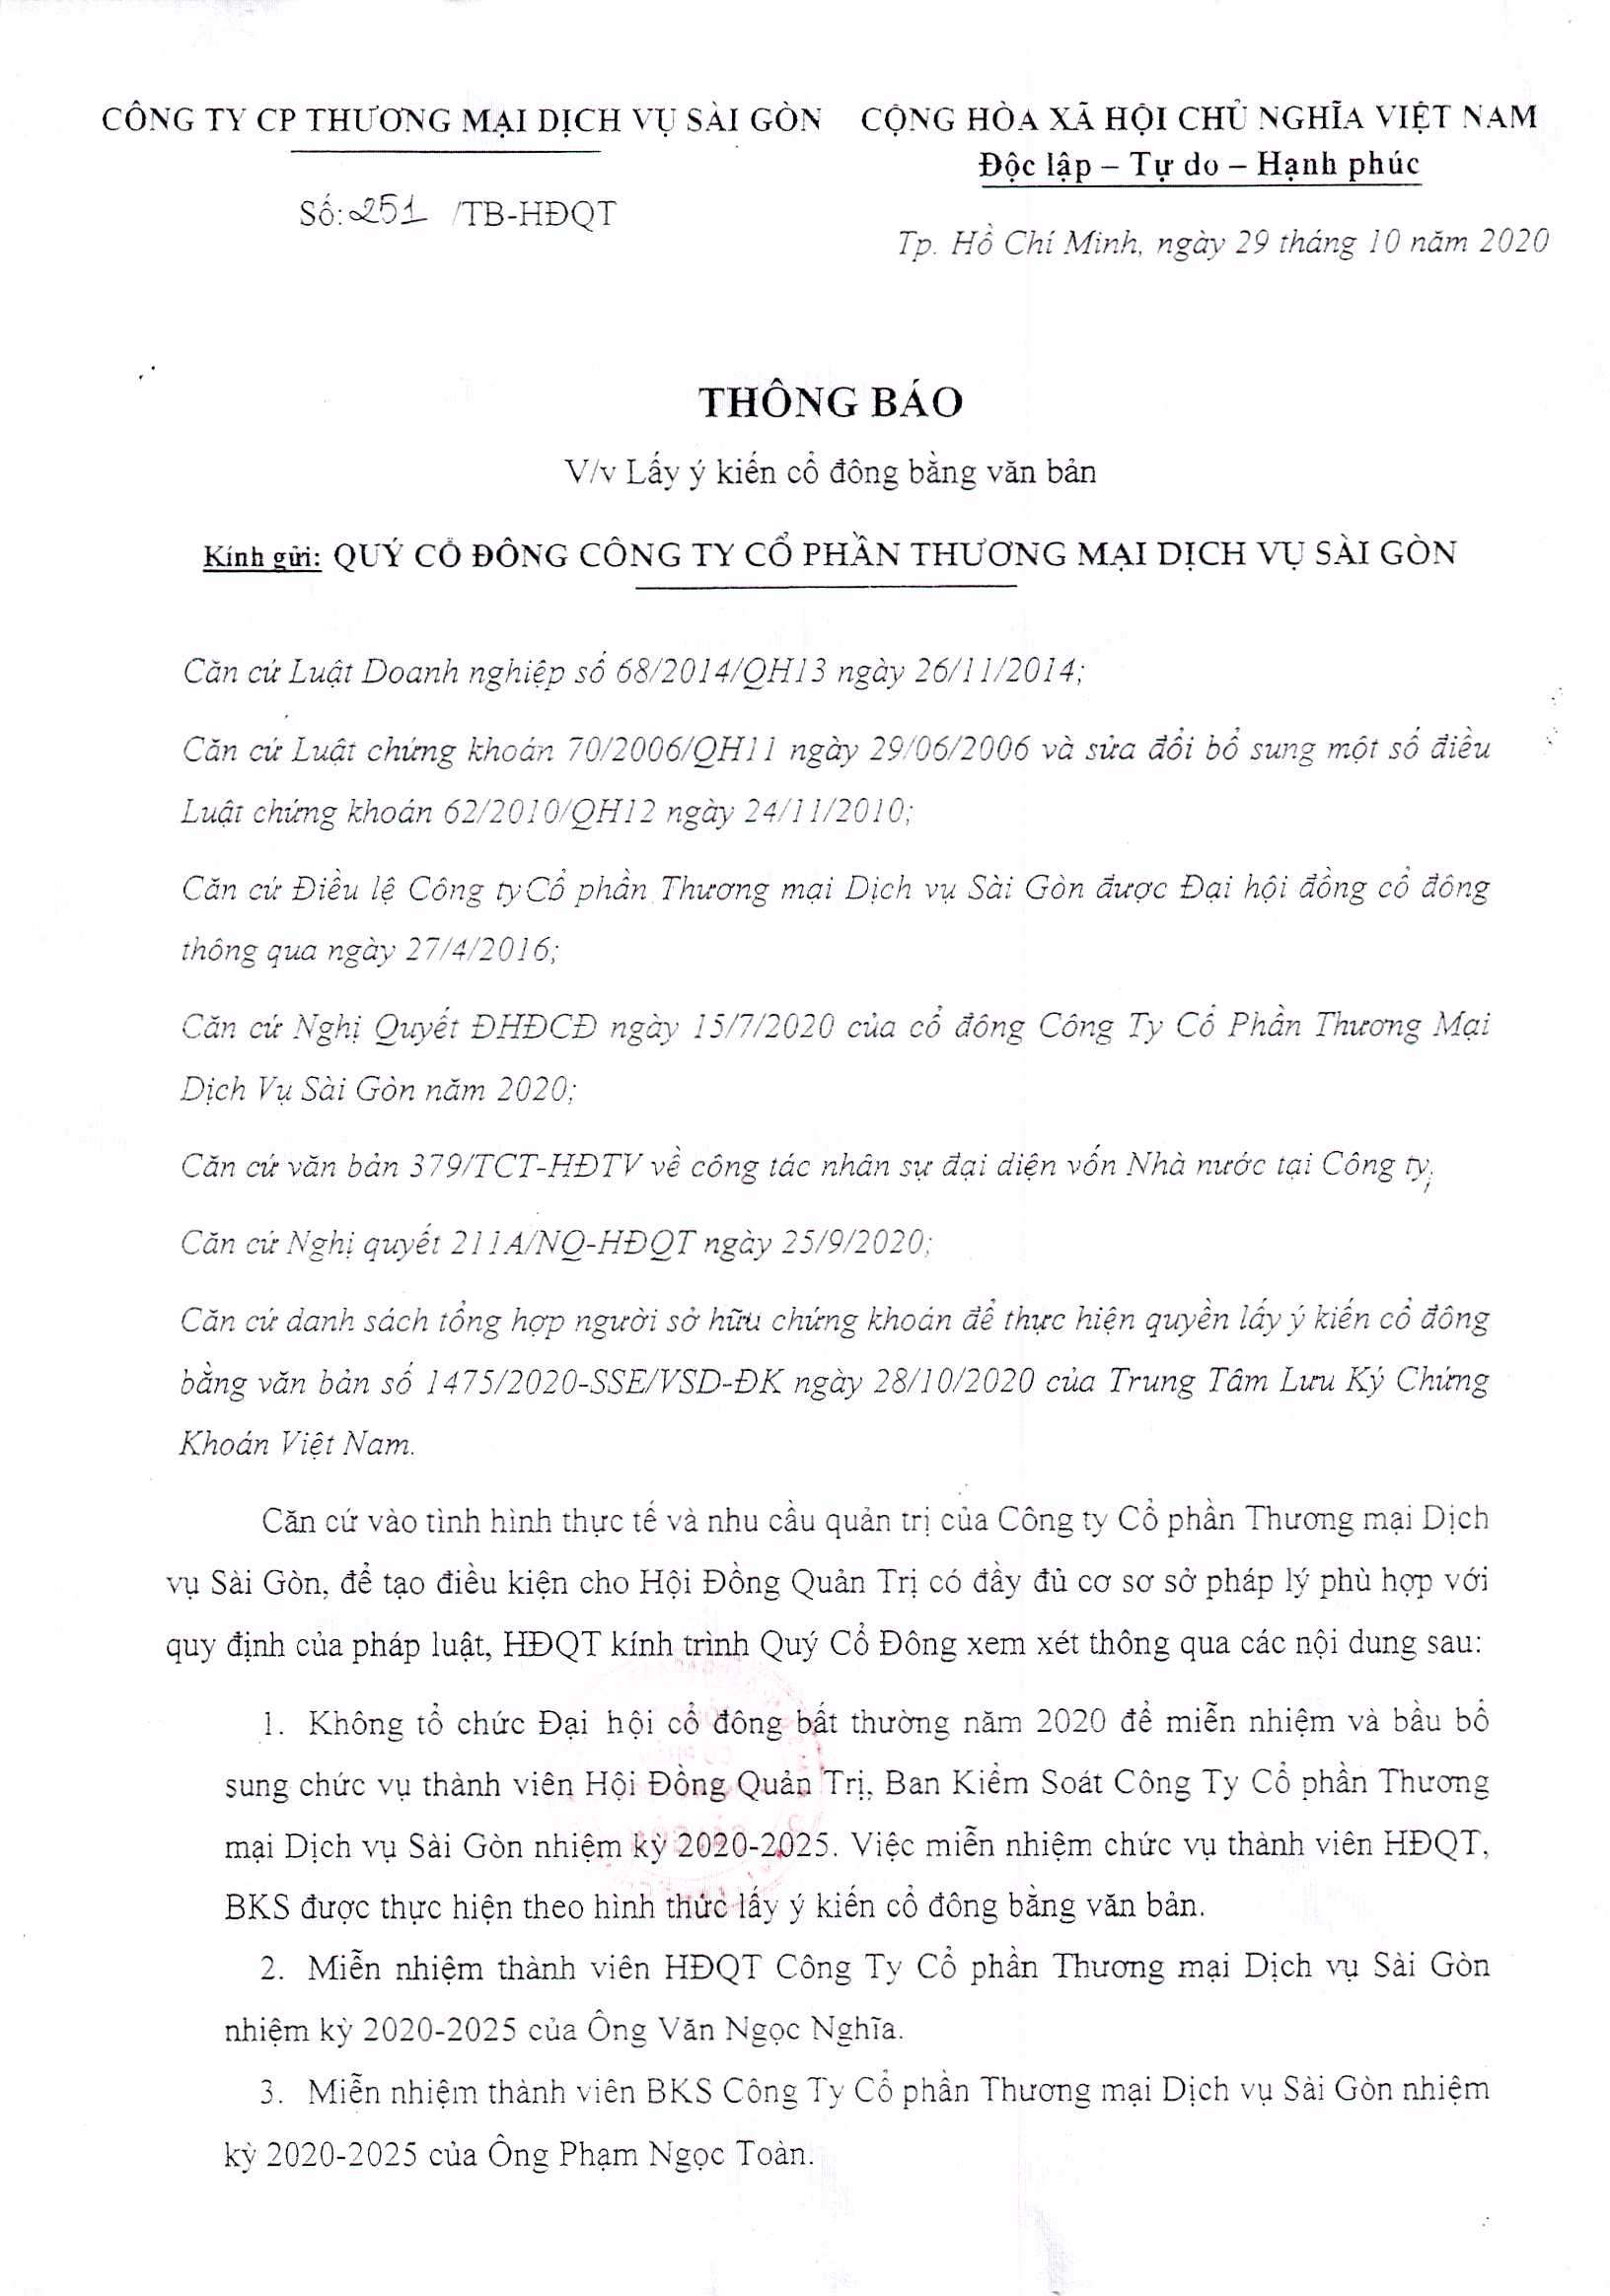 Thông báo 251-TB-HĐQT ngày 29-10-2020 (01)